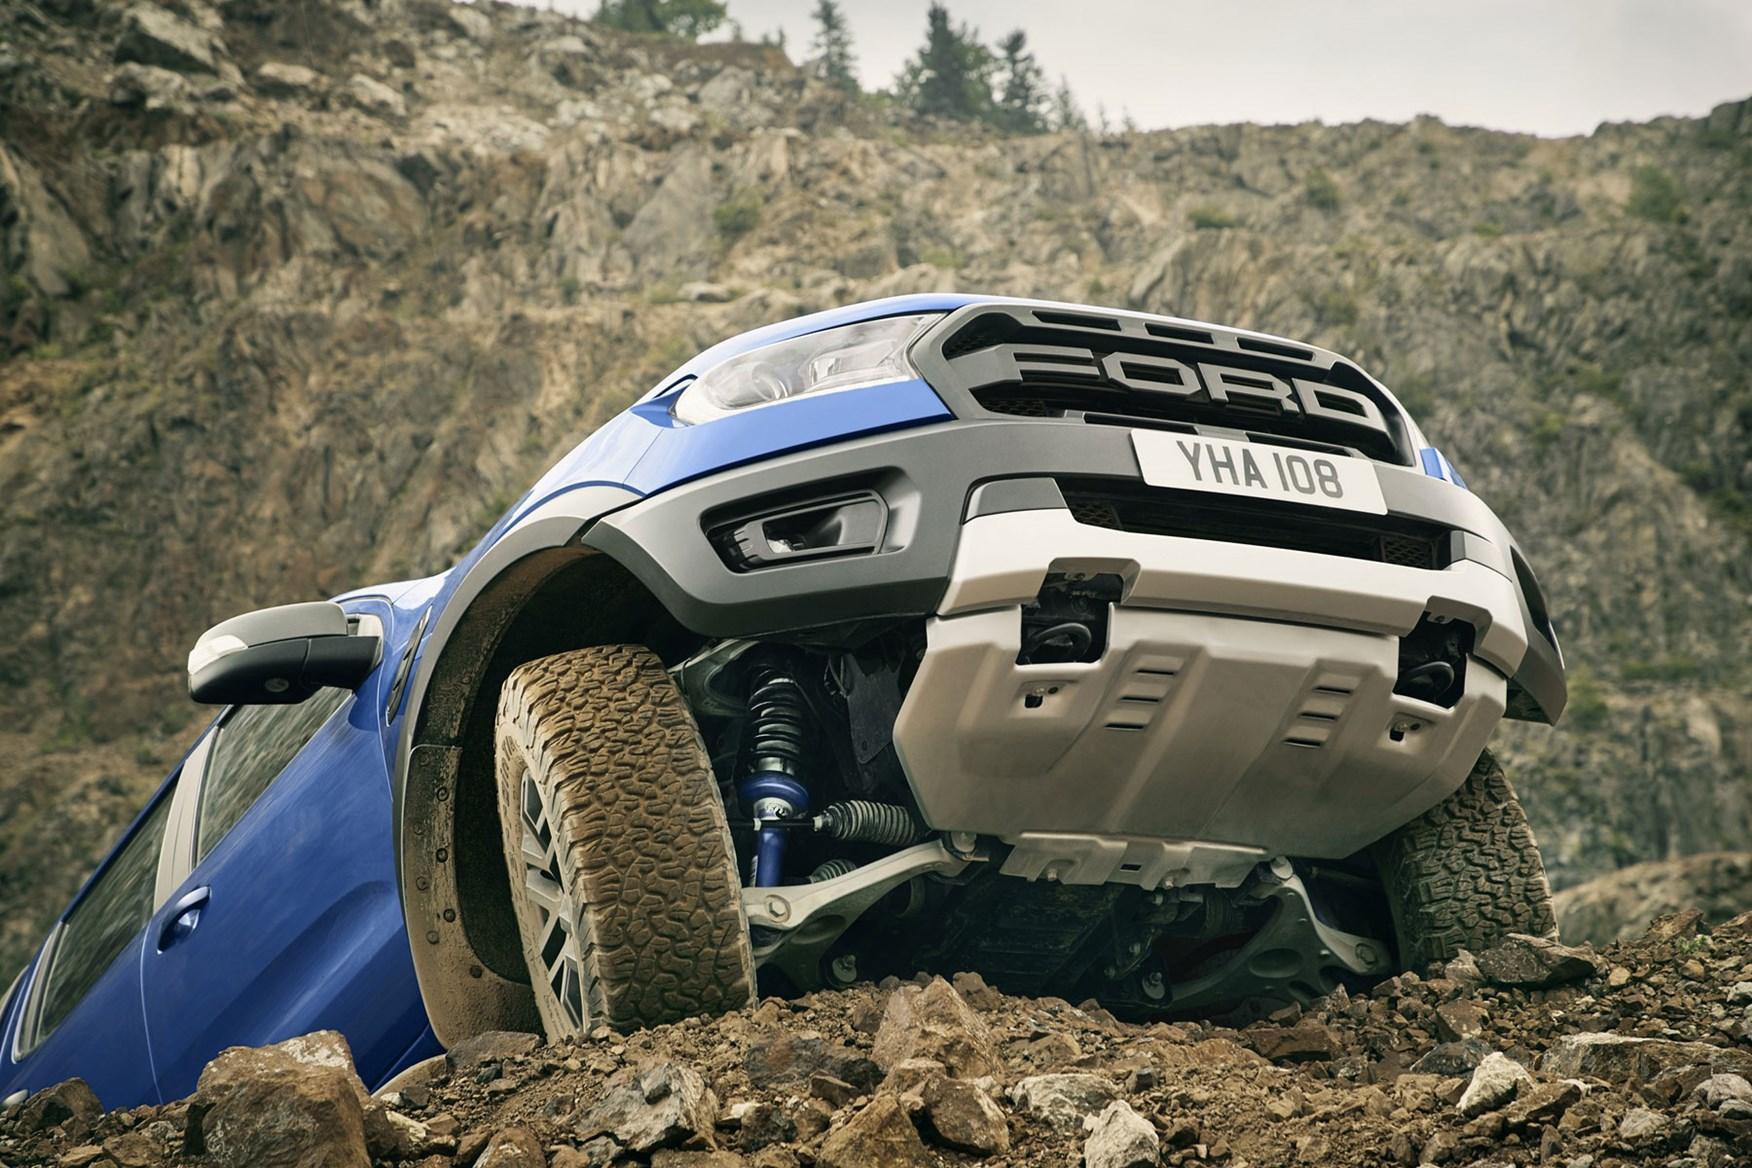 Ford Ranger Raptor Full Details On New High Performance Pickup